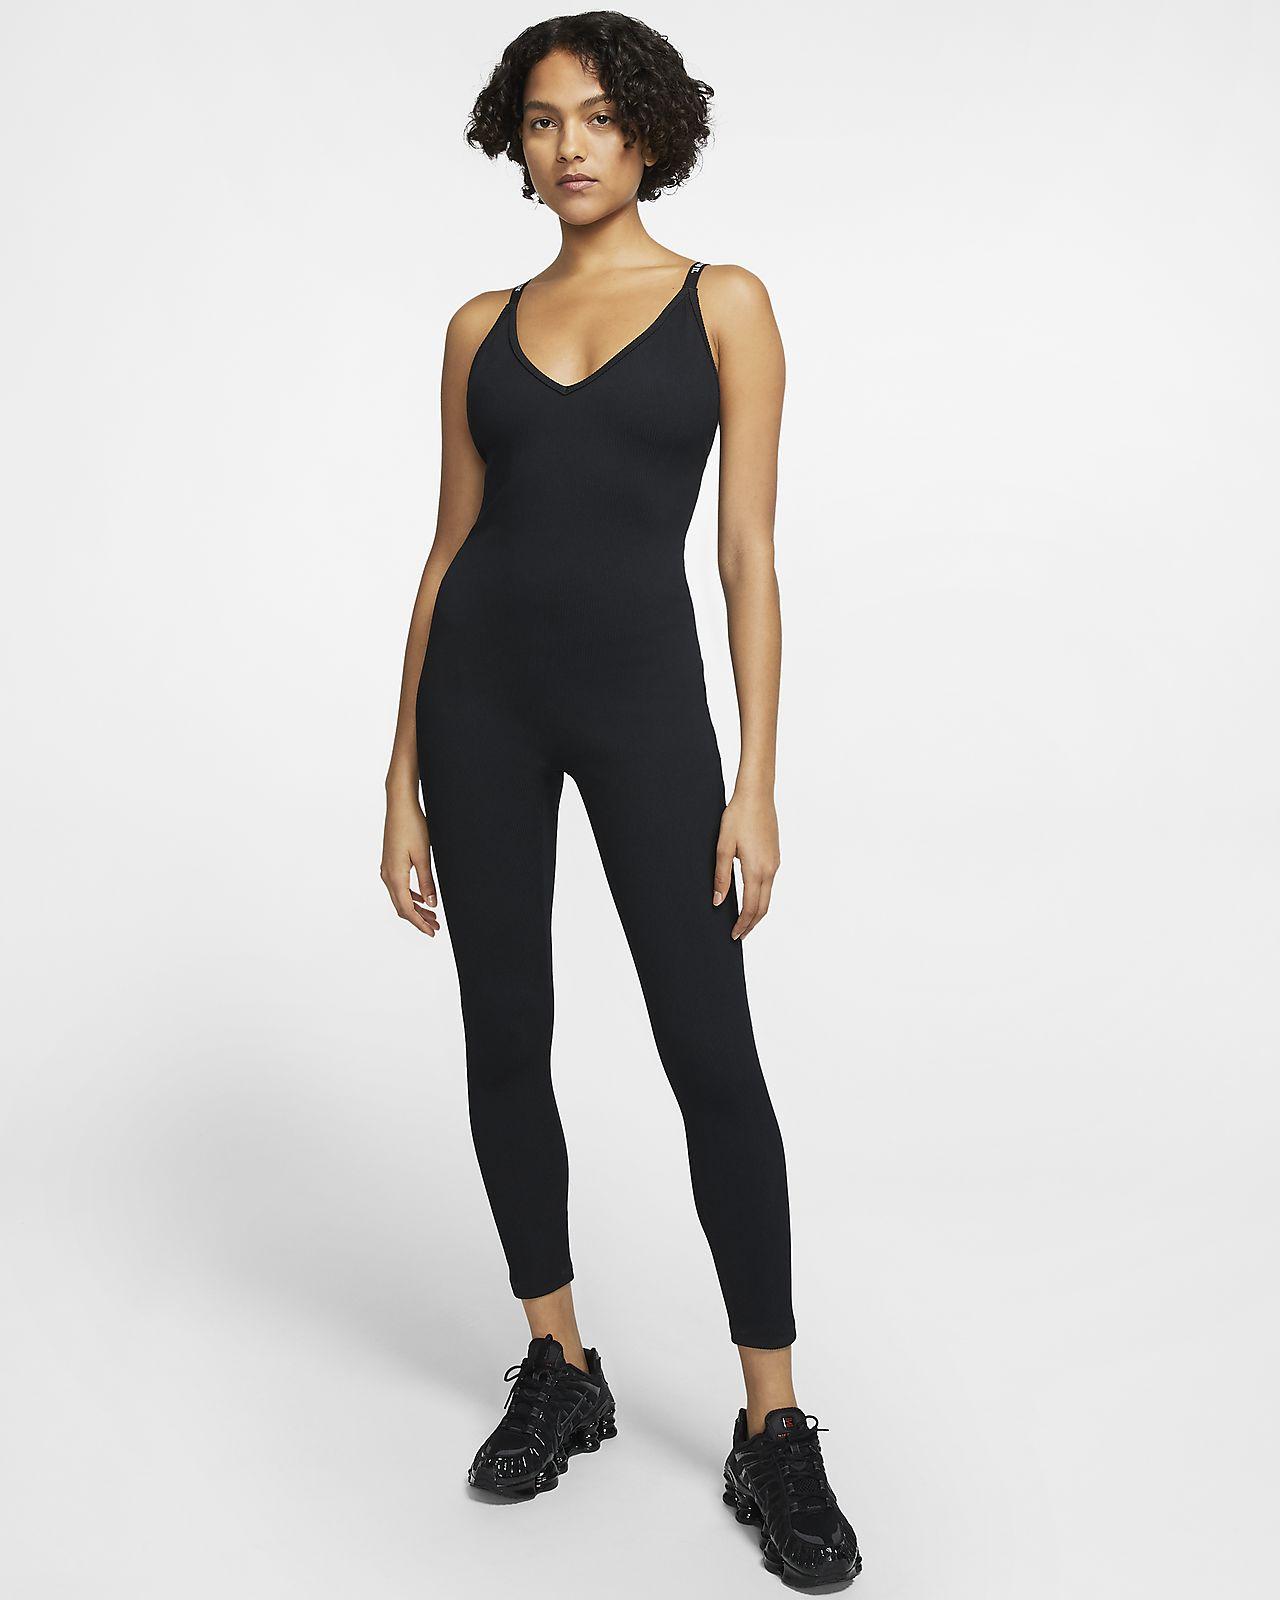 Nike Sportswear JDI Women's Ribbed Jumpsuit